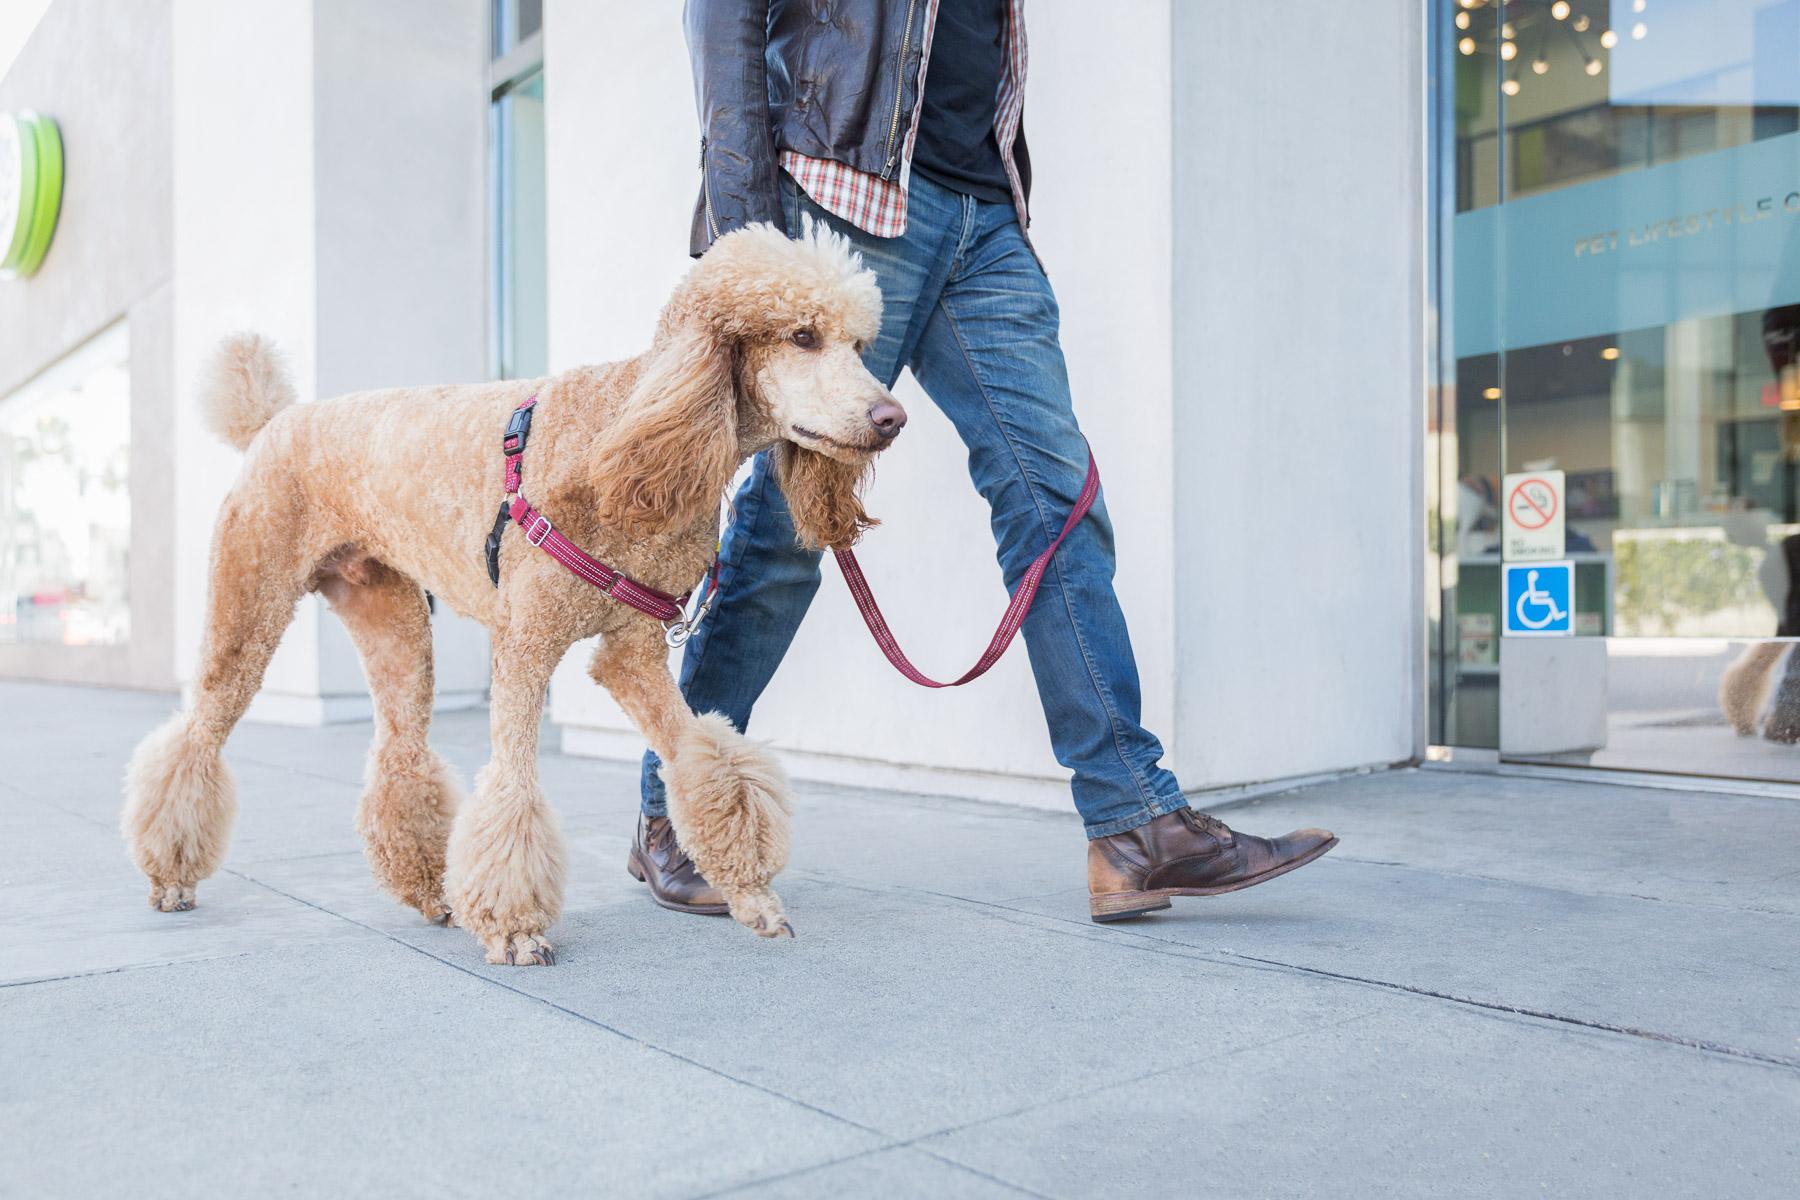 photo-walking-with-dog-poodle-on-leash-dog-photography.jpg